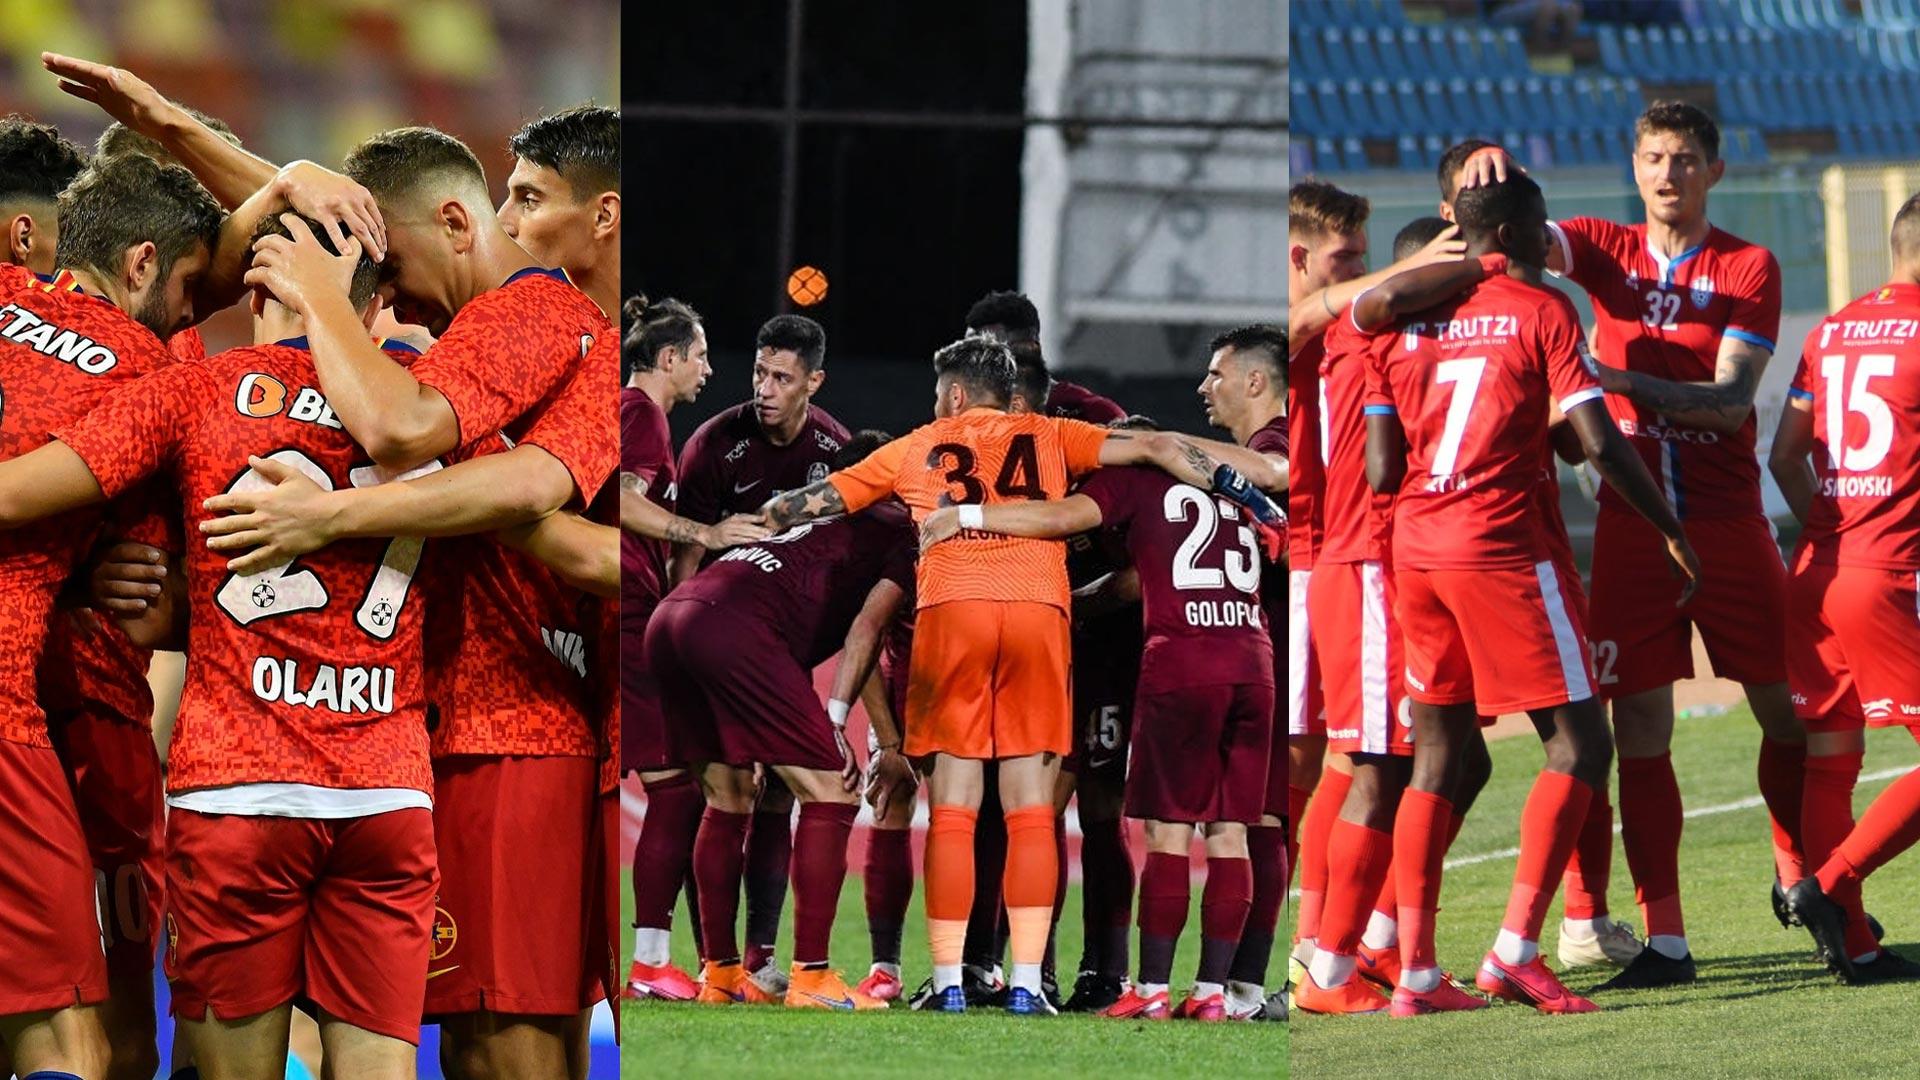 Echipele romanești își cunosc adversarele din turul 3 preliminar al UEFA Europa League!